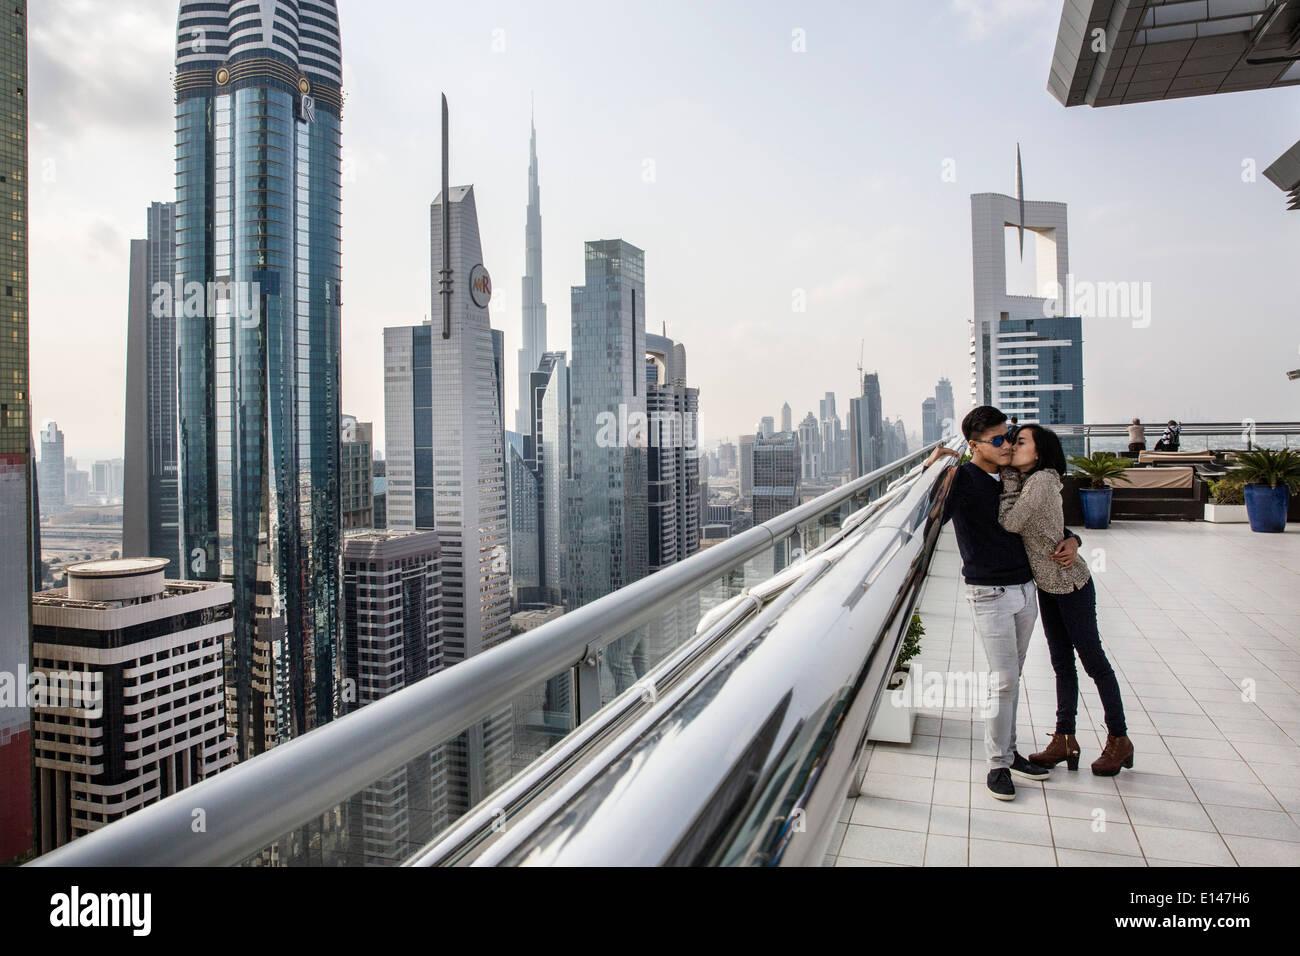 Emirati Arabi Uniti Dubai, finanziarie centro città con il Burj Khalifa, Asiatica giovane kissing onu tetto di Sheraton Hotel Immagini Stock